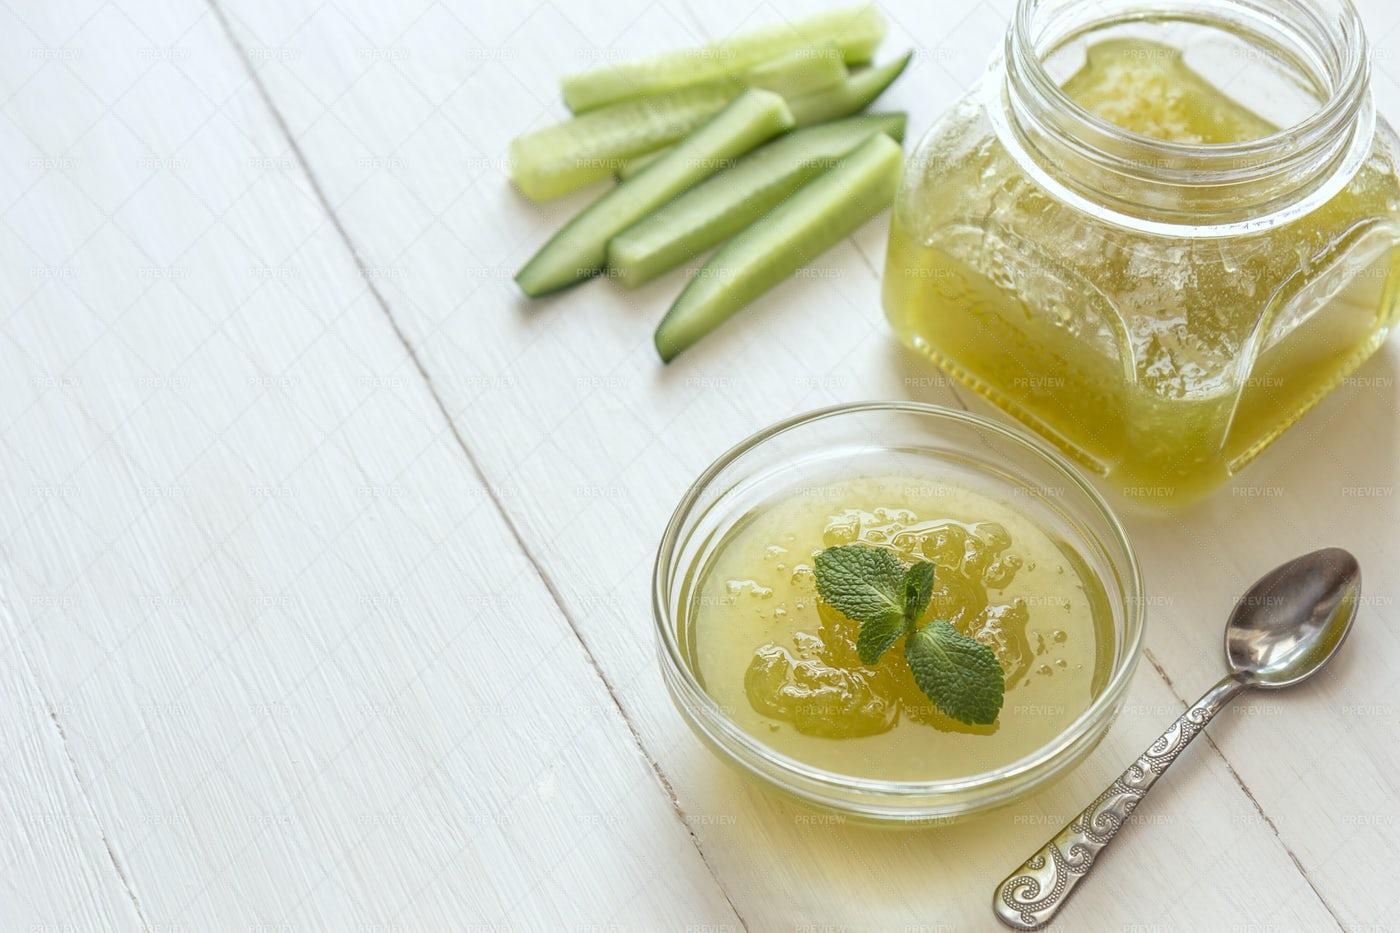 Cucumber Jam In Glass Bowl: Stock Photos